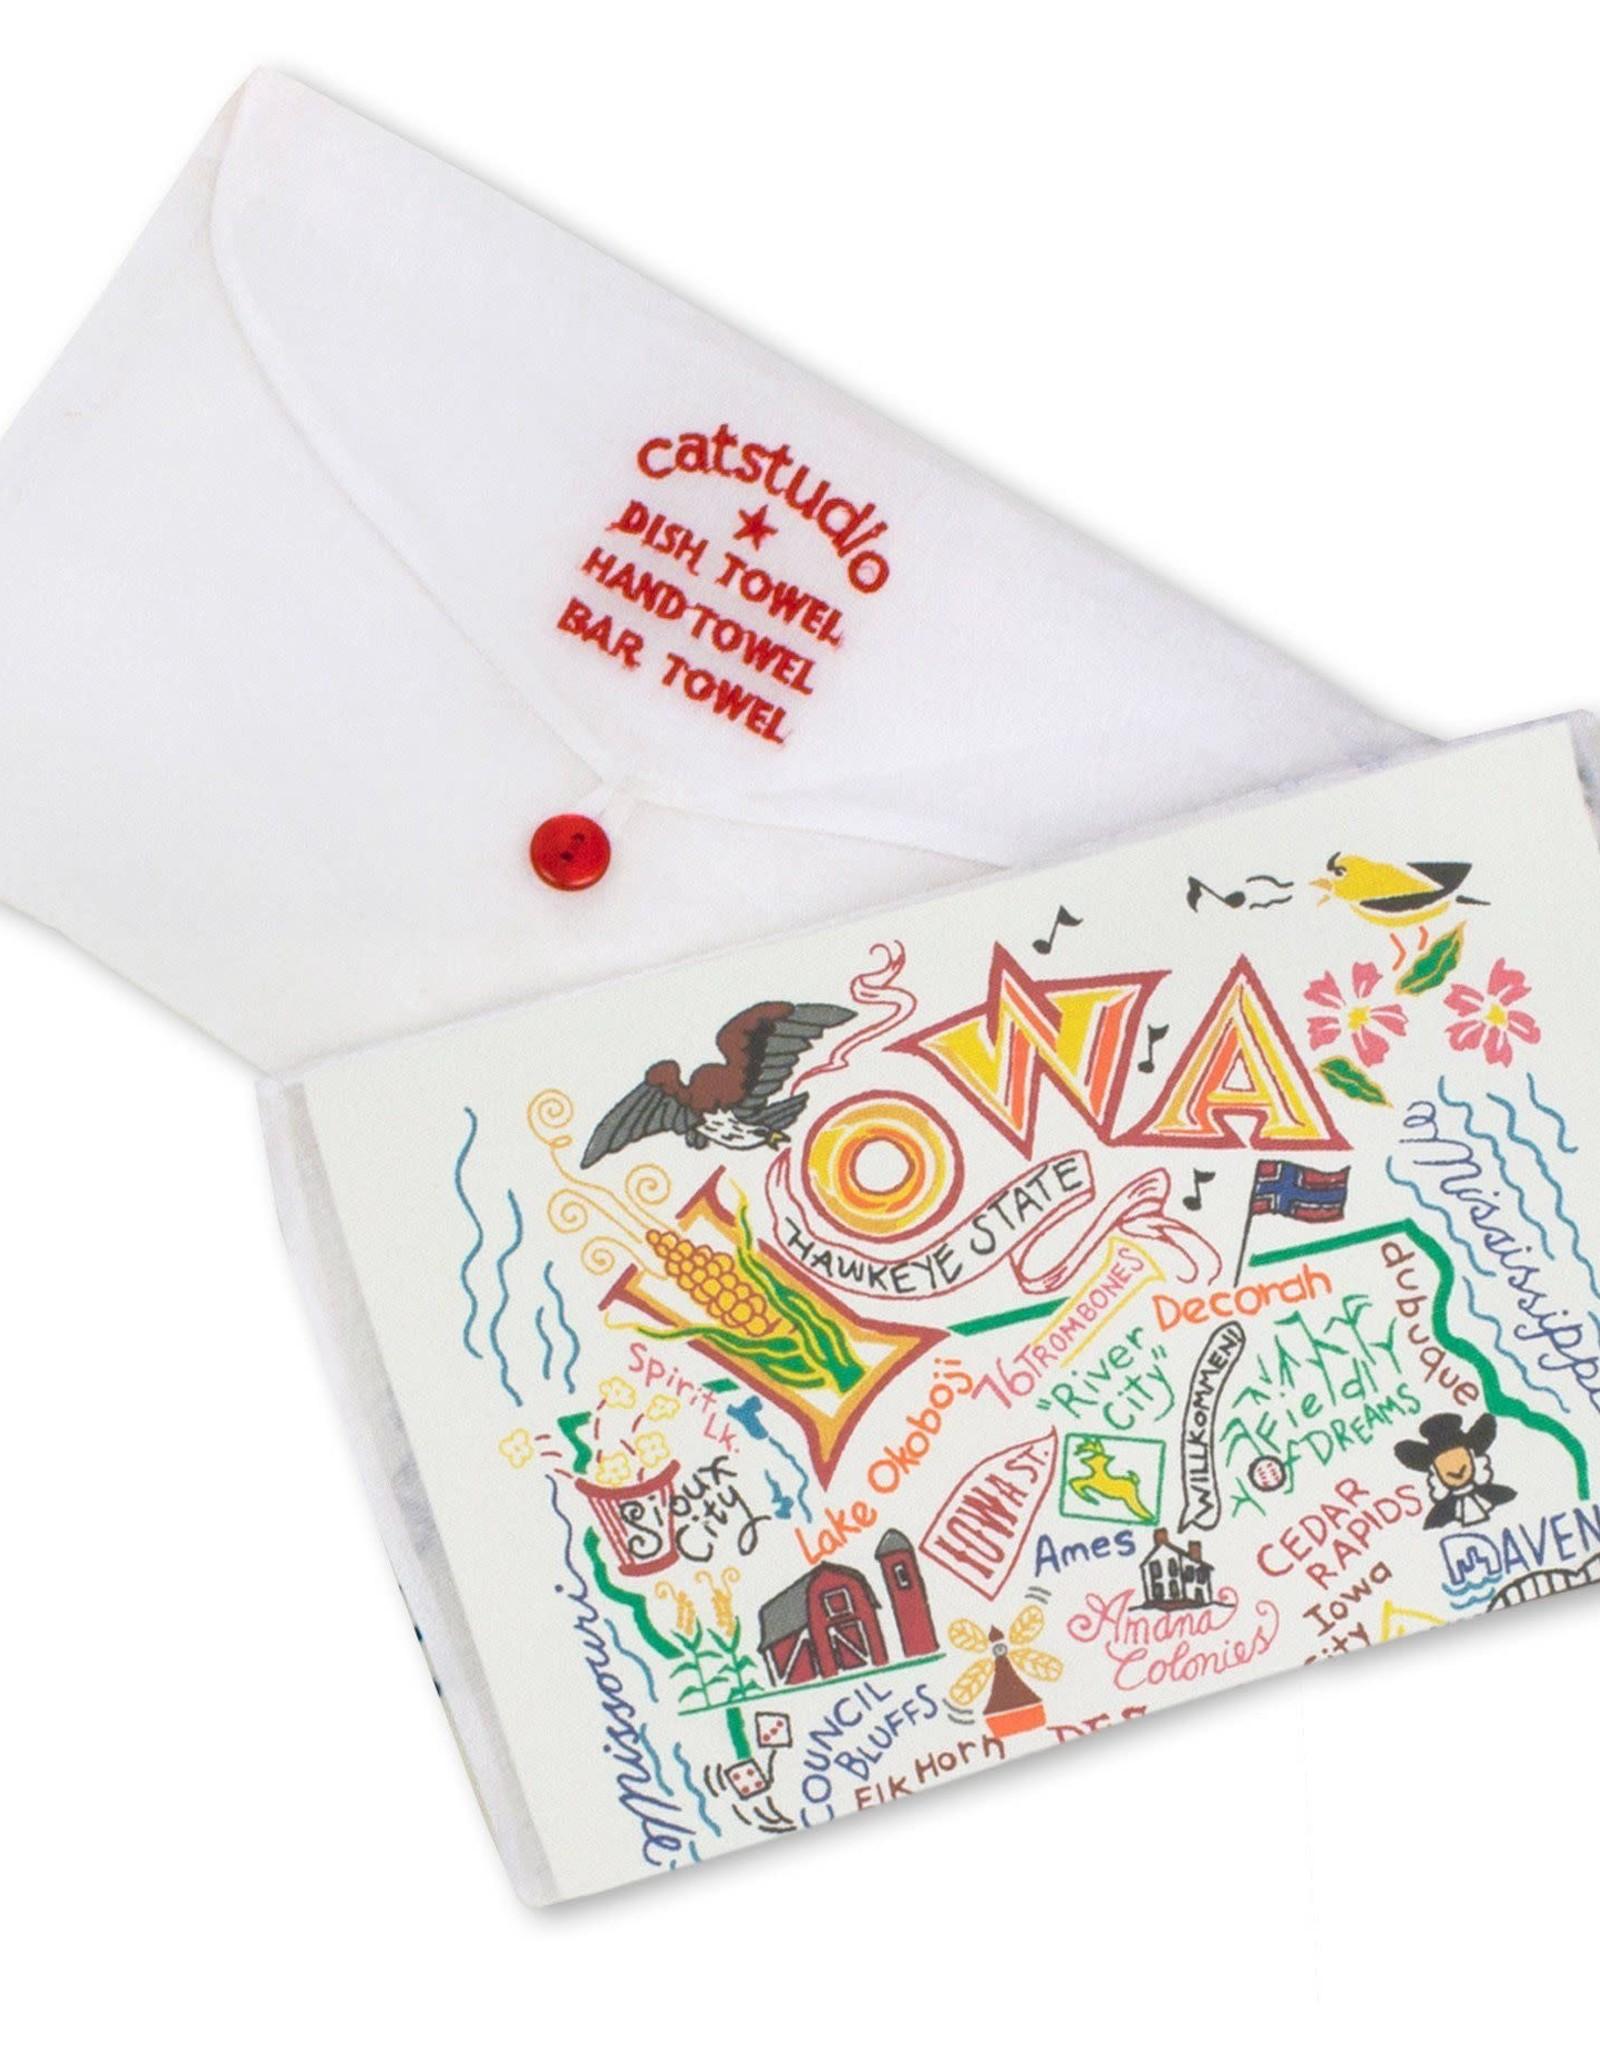 Catstudio Catstudio State Dish Towel Iowa